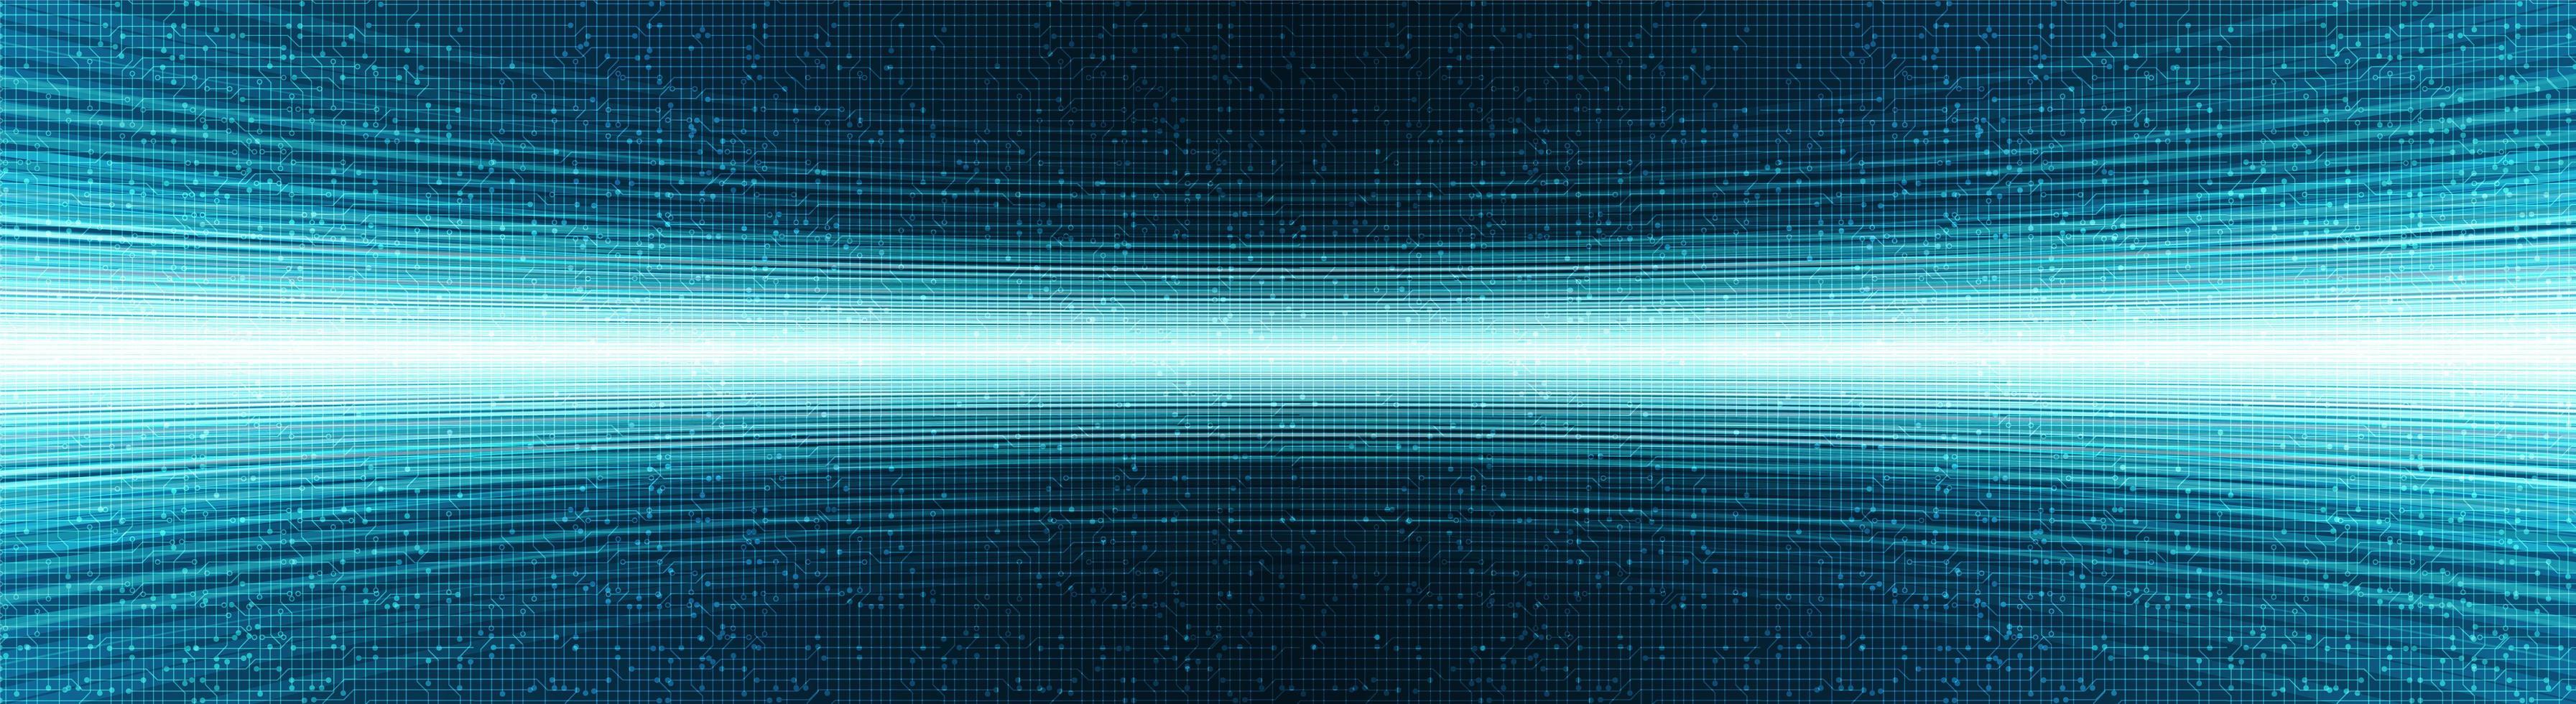 panorama di sfondo tecnologia luce blu, concept design digitale e internet, illustrazione vettoriale. vettore